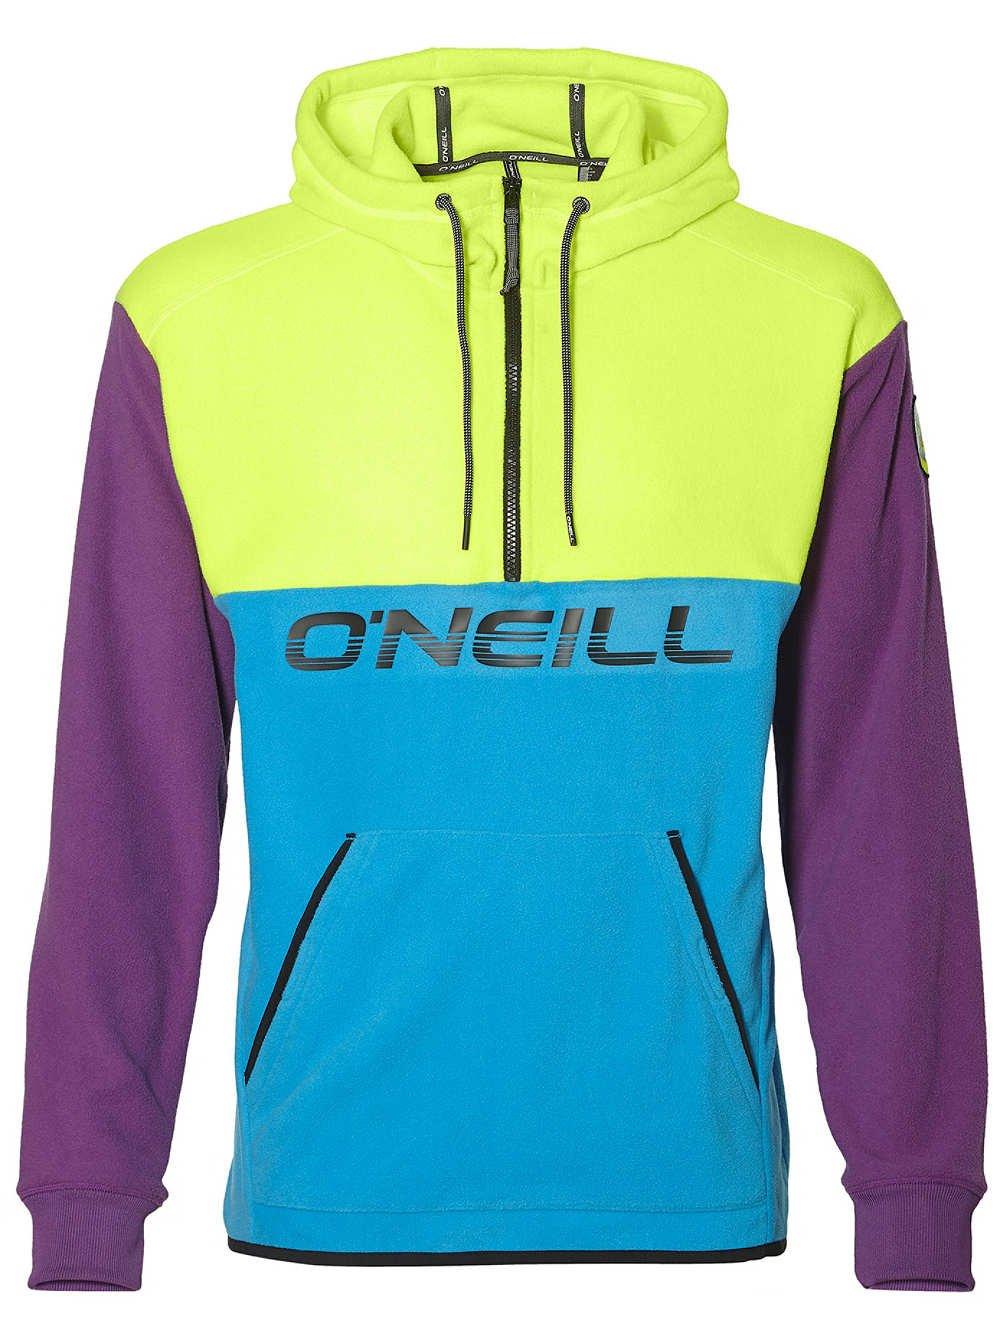 ONeill 8p0260 Soft Shell Hombre